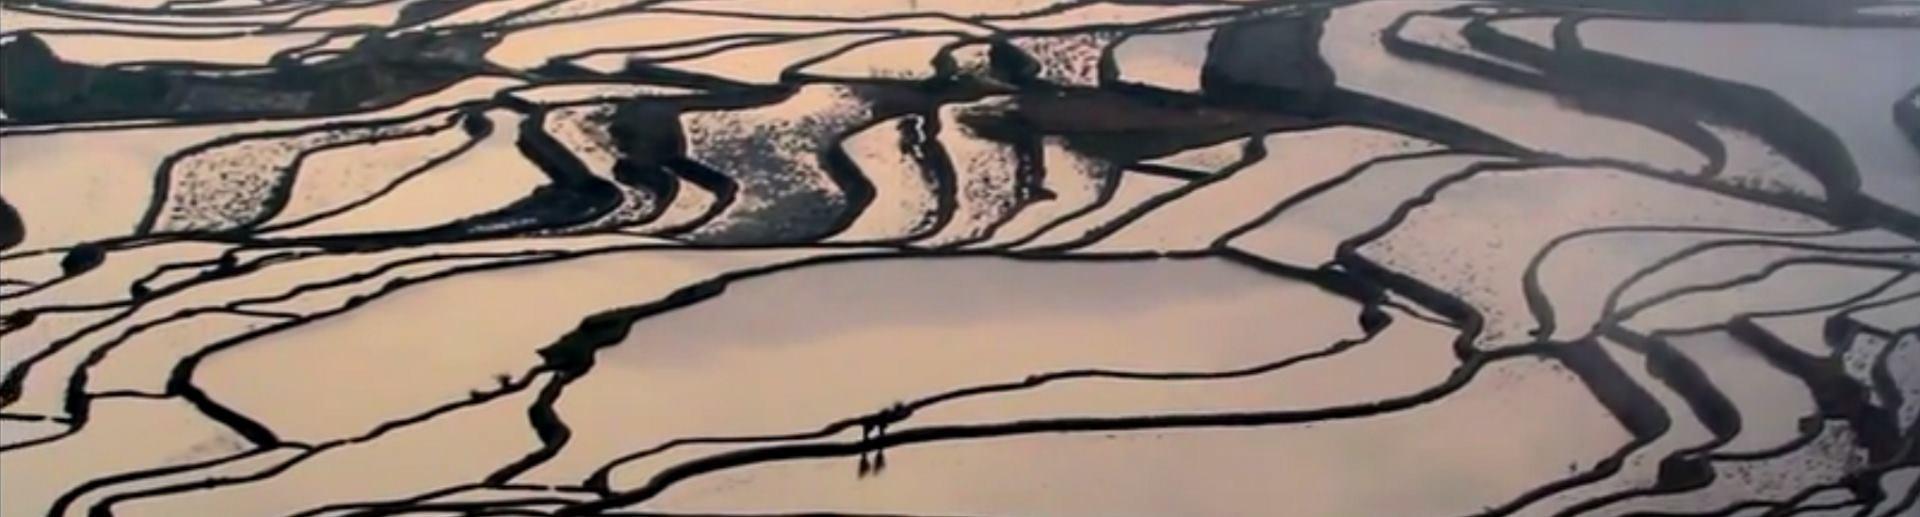 VIDEO: Pogledajte fantastična rižna polja u Juanjangu